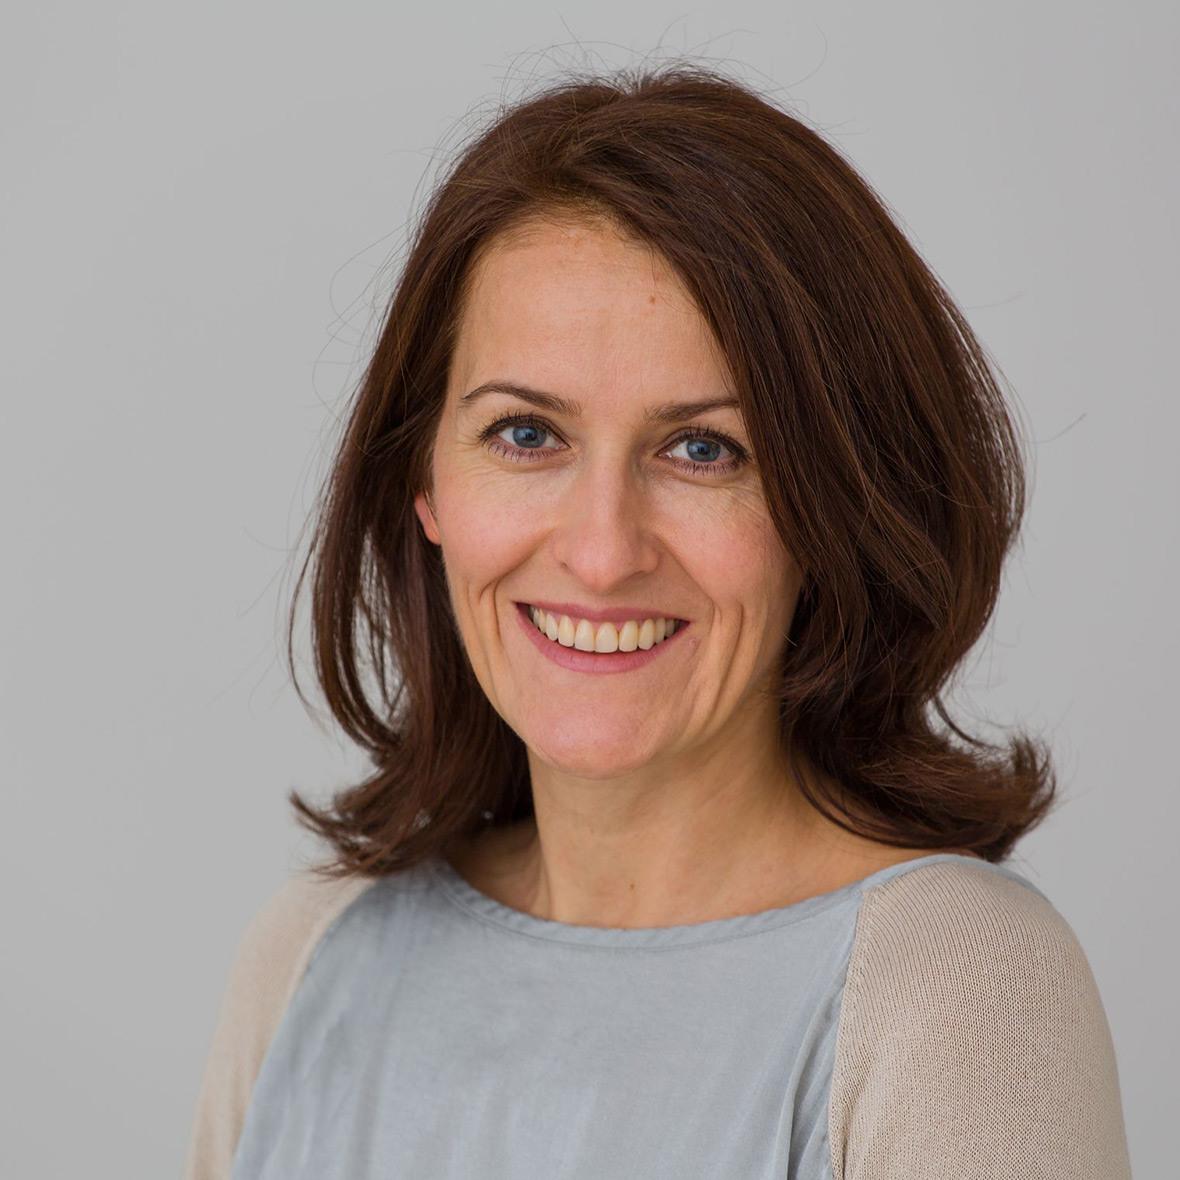 Metzler Sonja2018